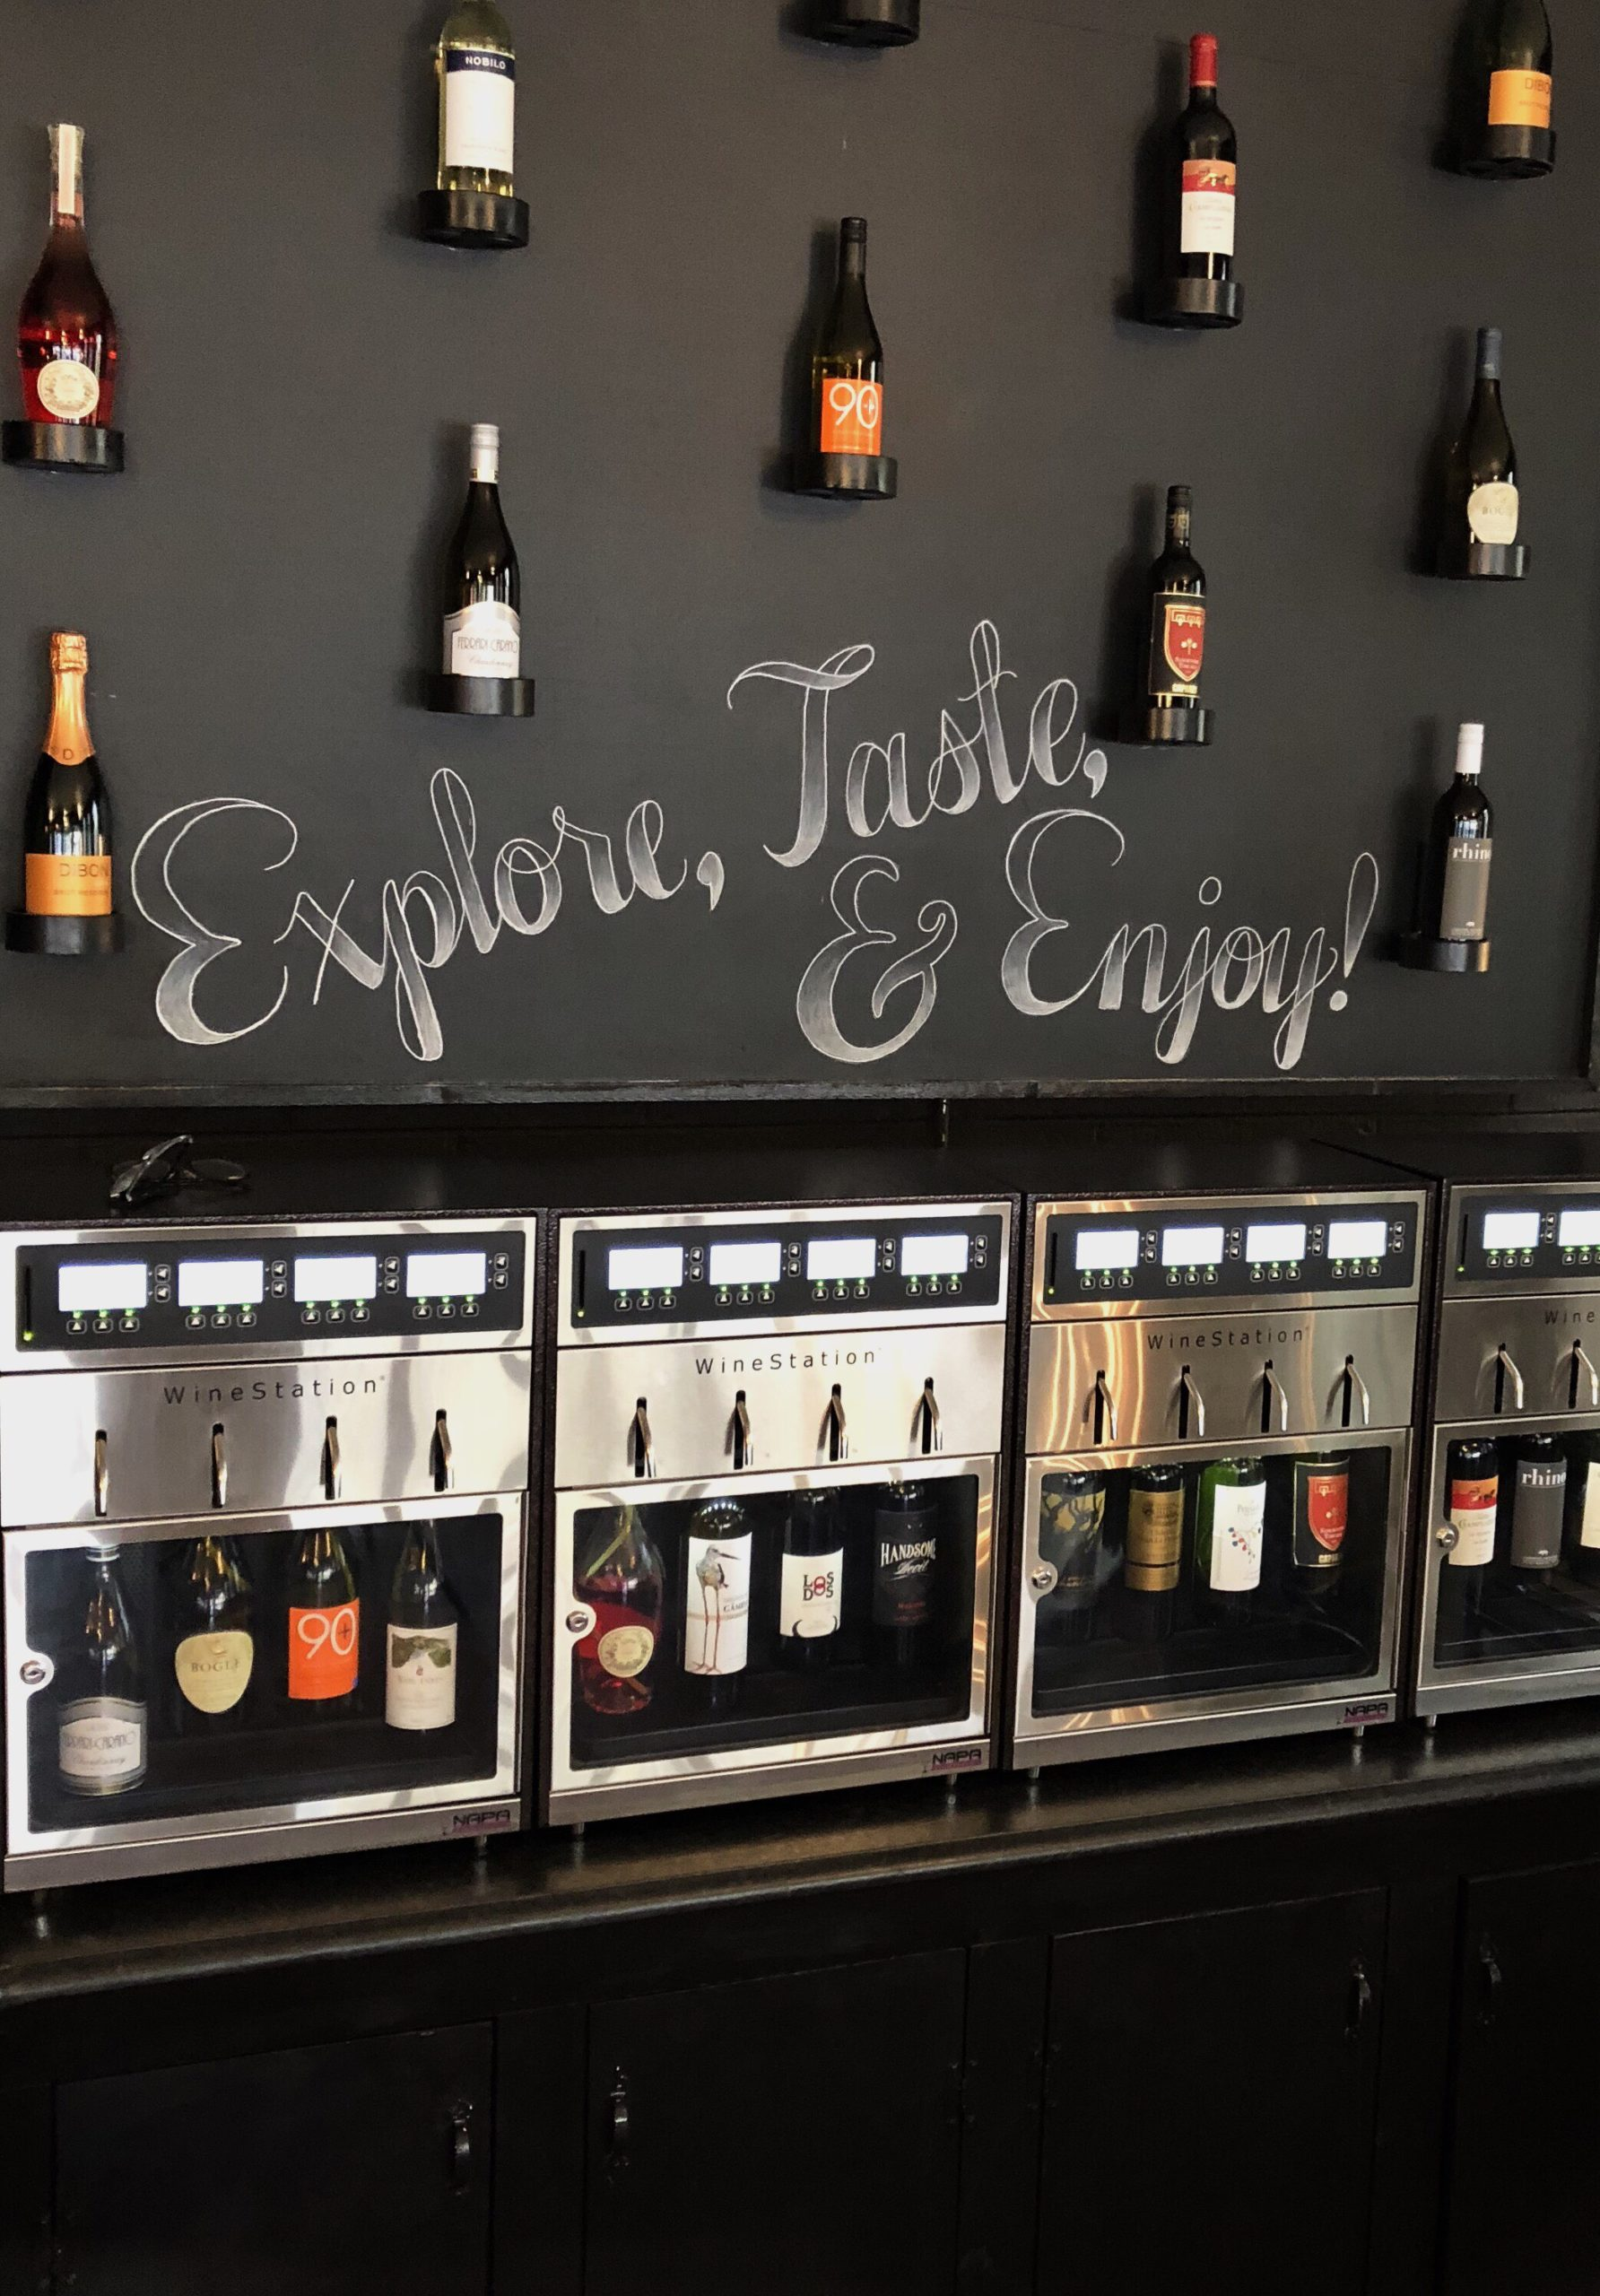 A wine station at Crema & vine, a self serve wine bar.